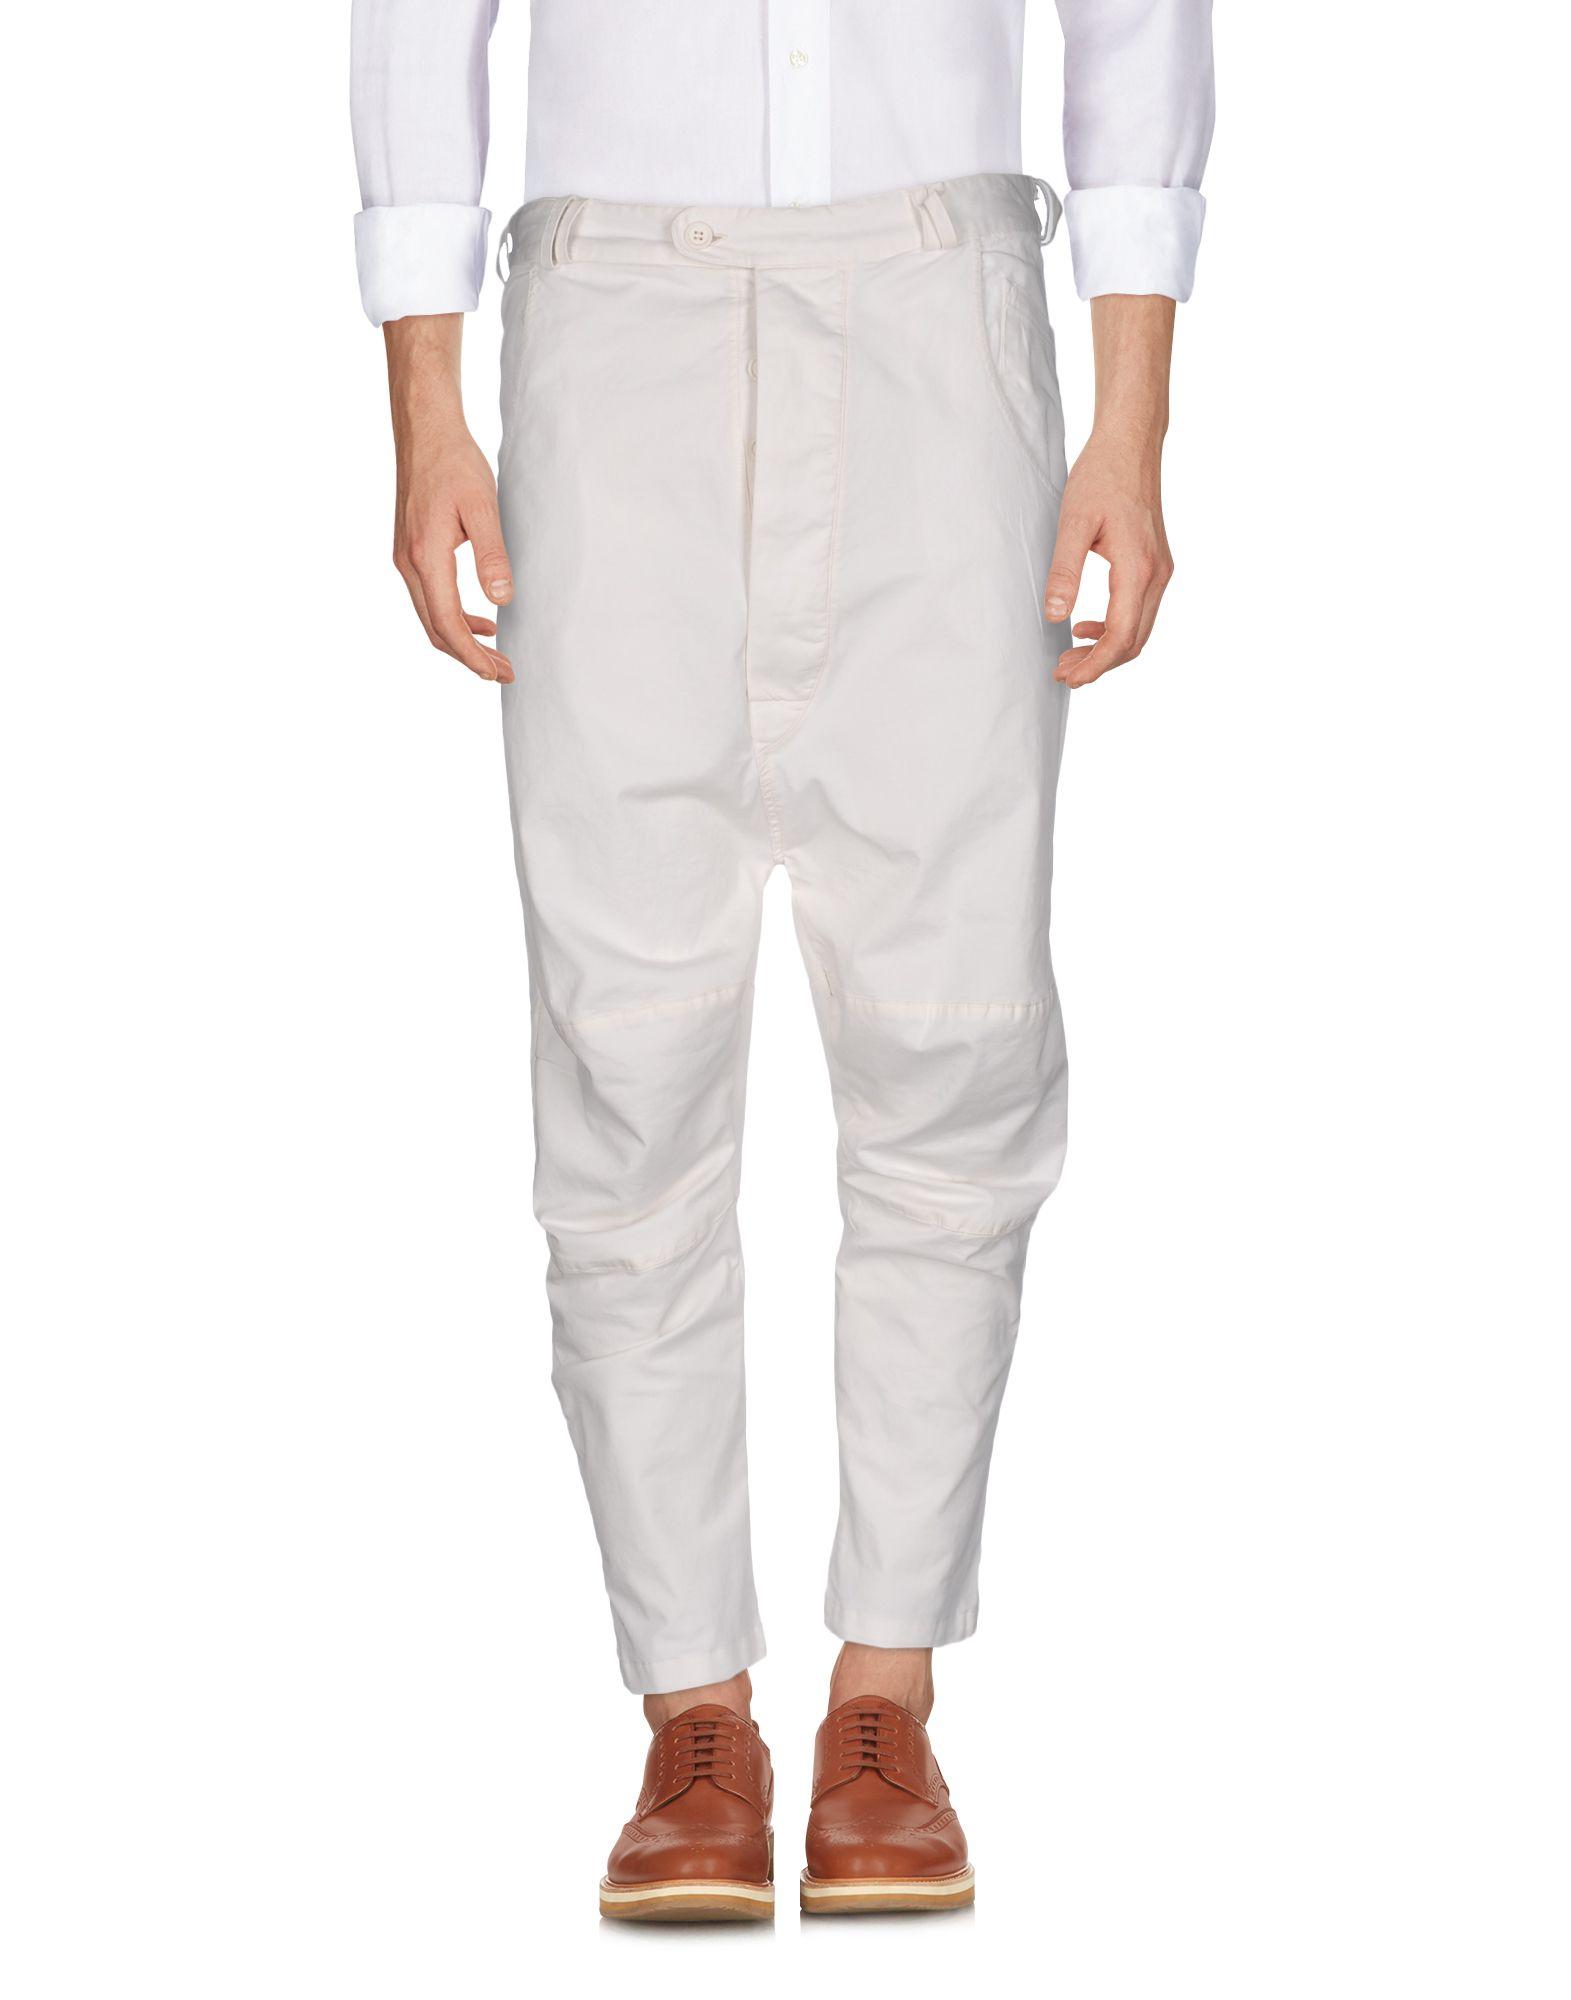 Pantalone Pantalone Pantalone Dark Label uomo - 13084024BG e05